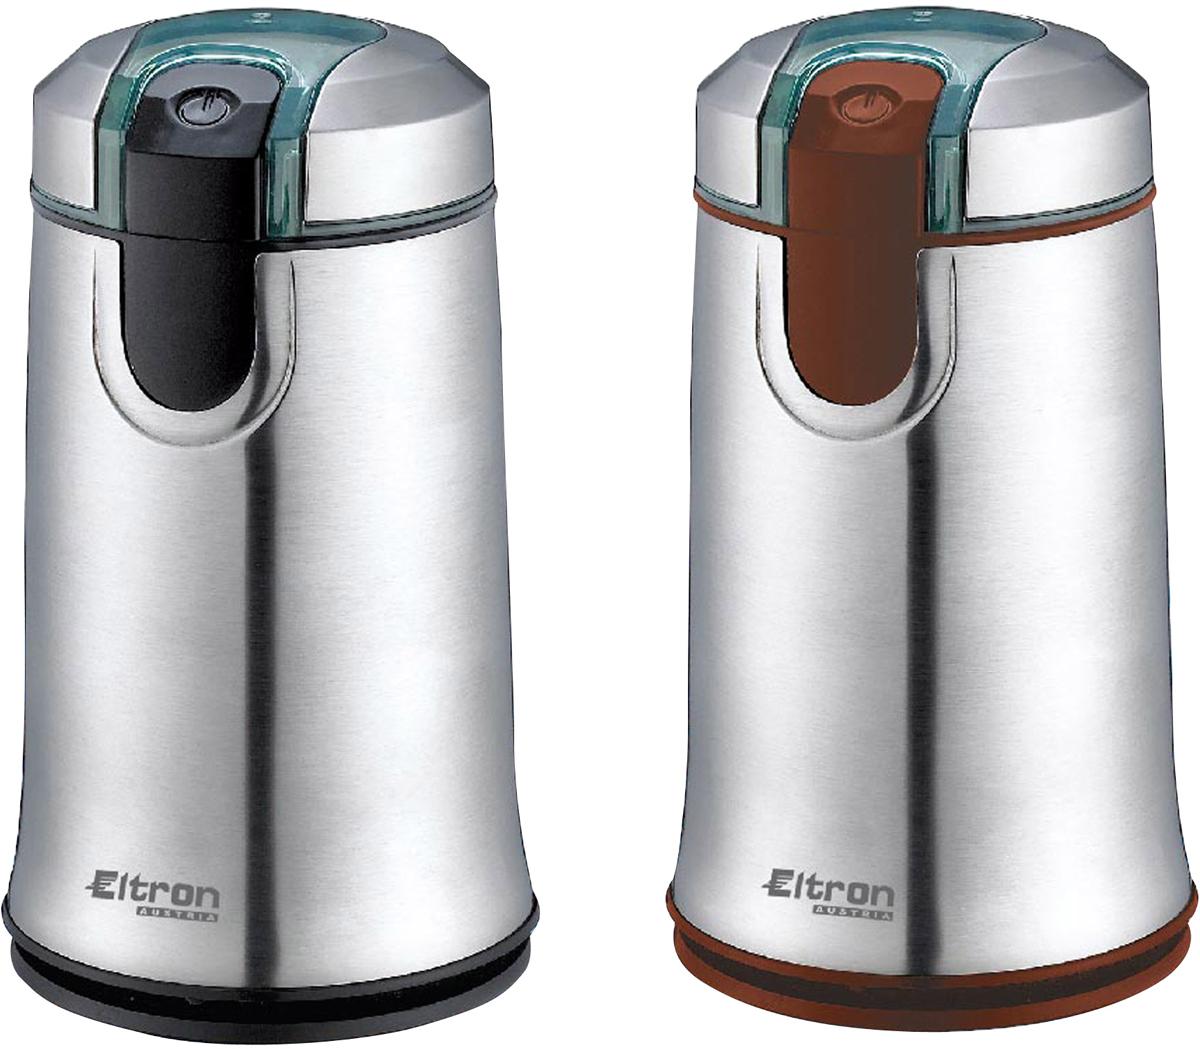 Кофемолка Eltron EL-2016б Silver aresa ar 3602 кофемолка